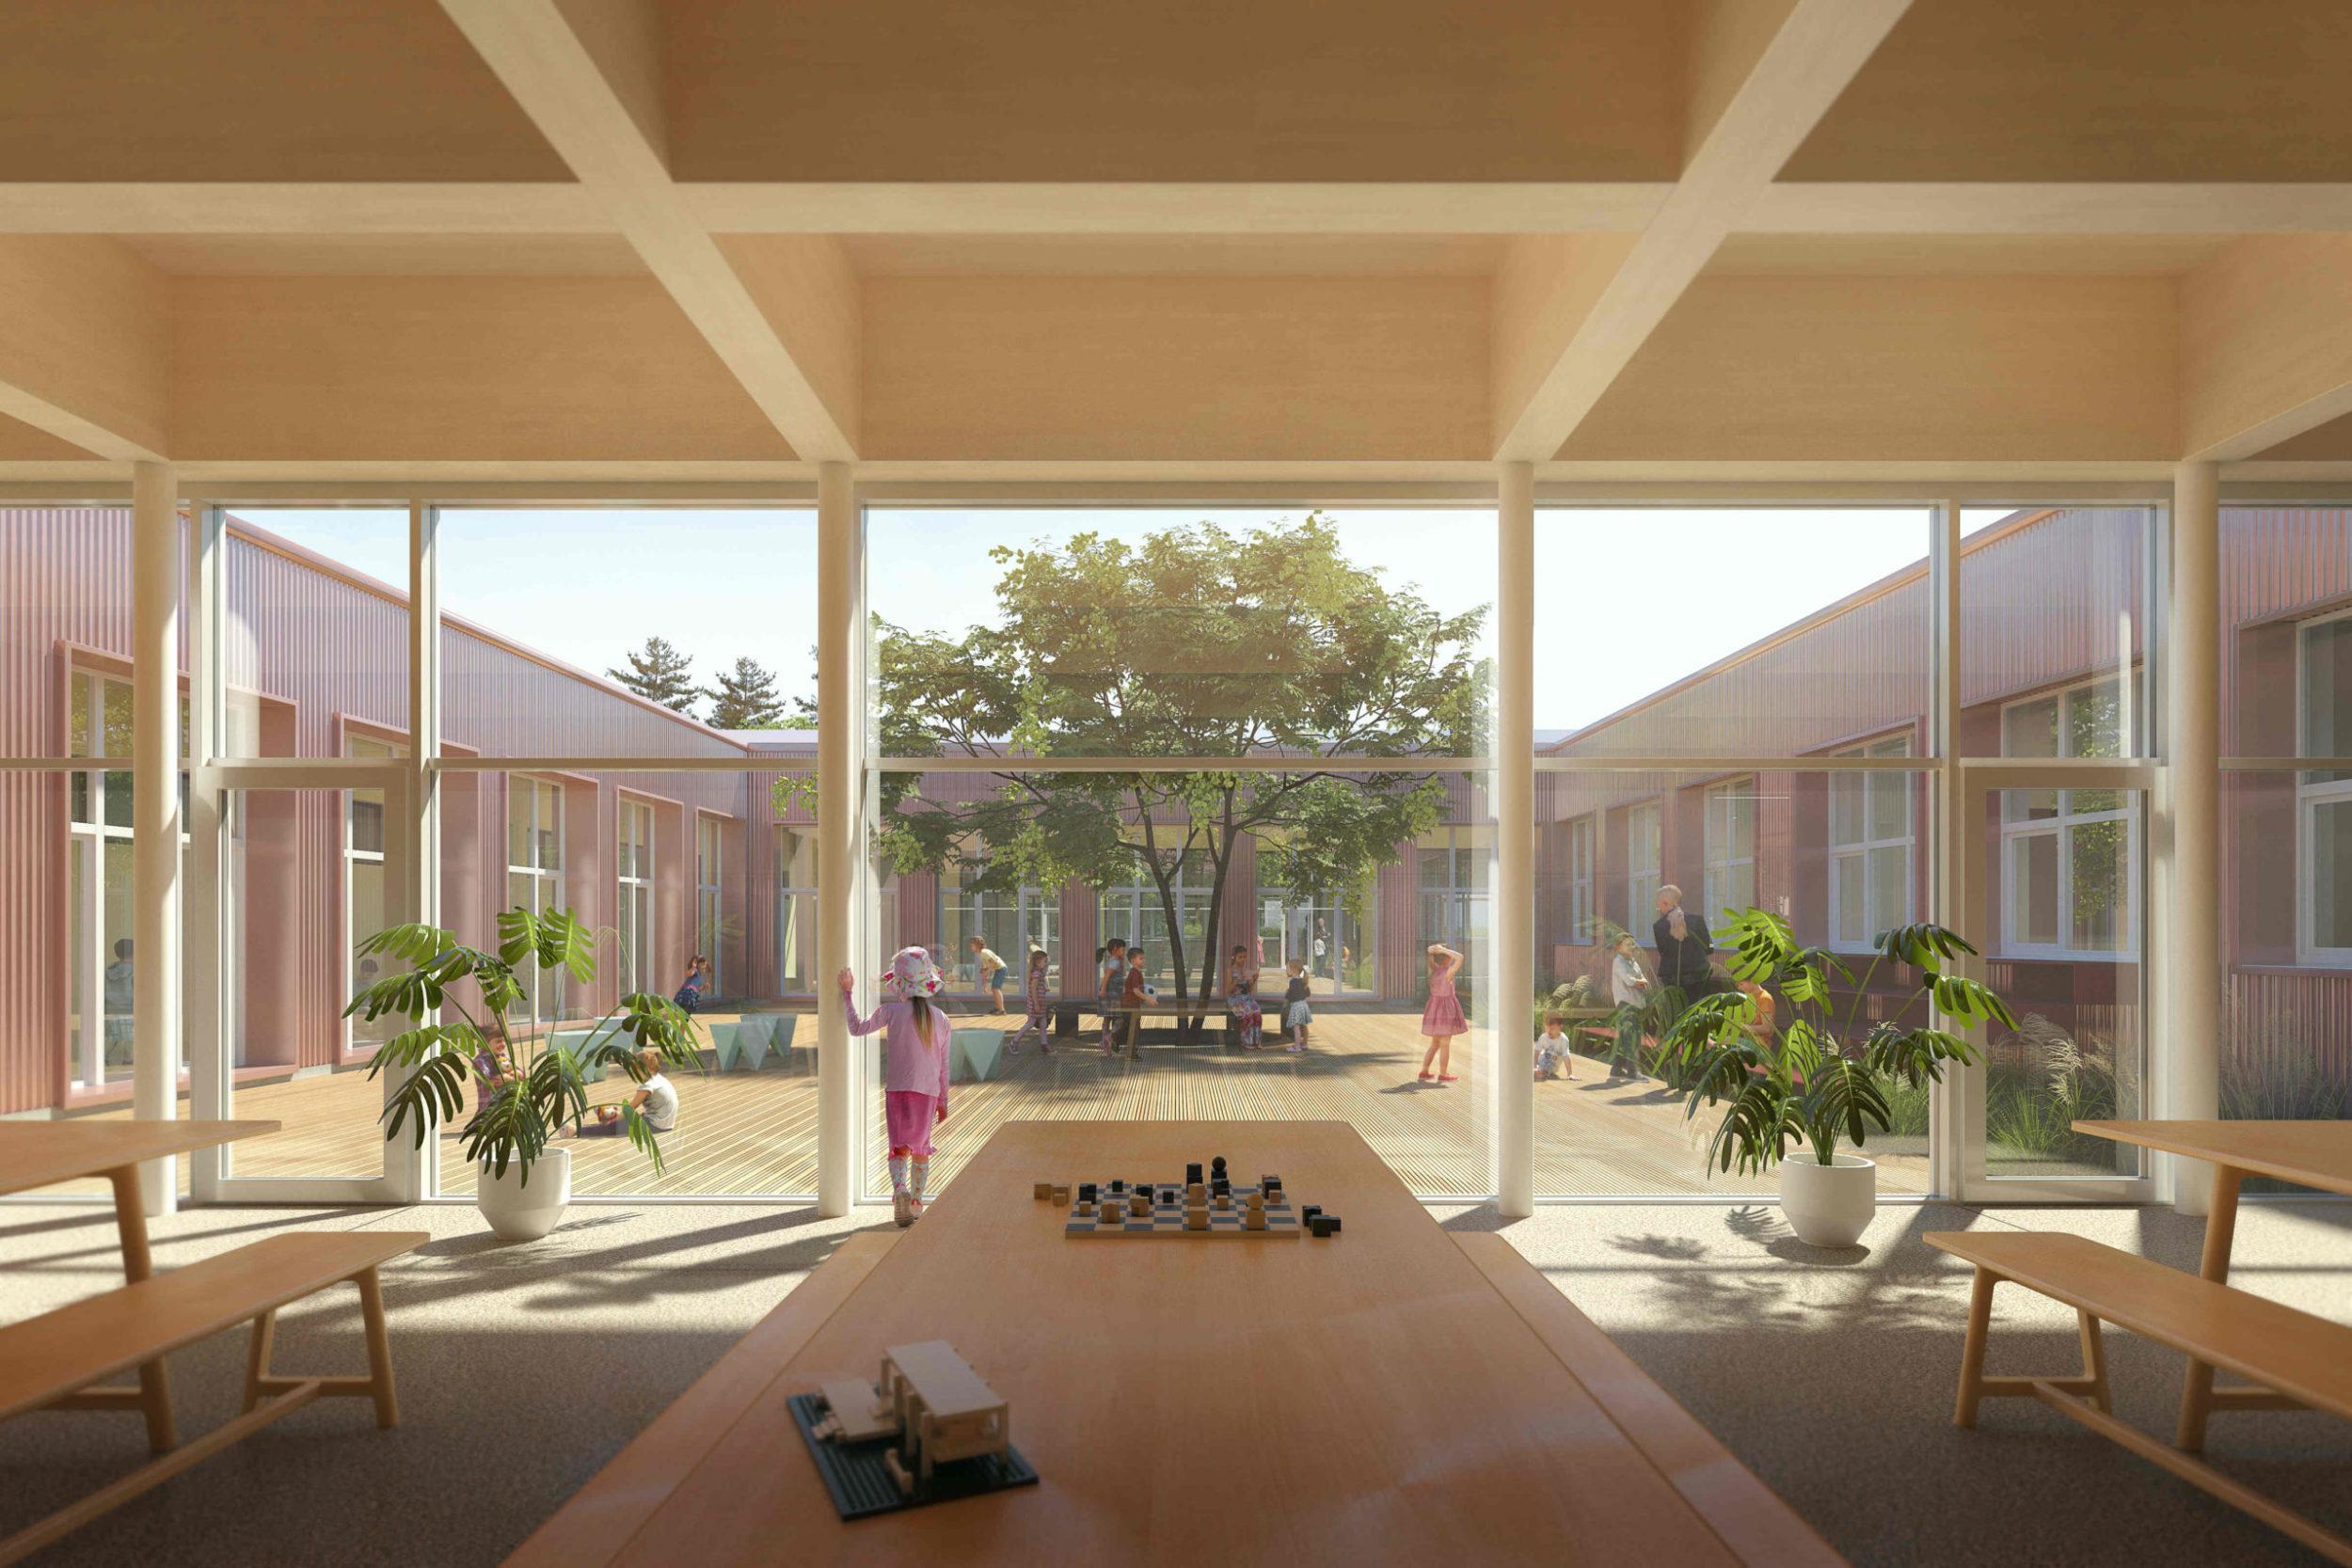 lozorno škola budova školstvo architektúra stavba design slovenské školy deti trieda jedáleň park